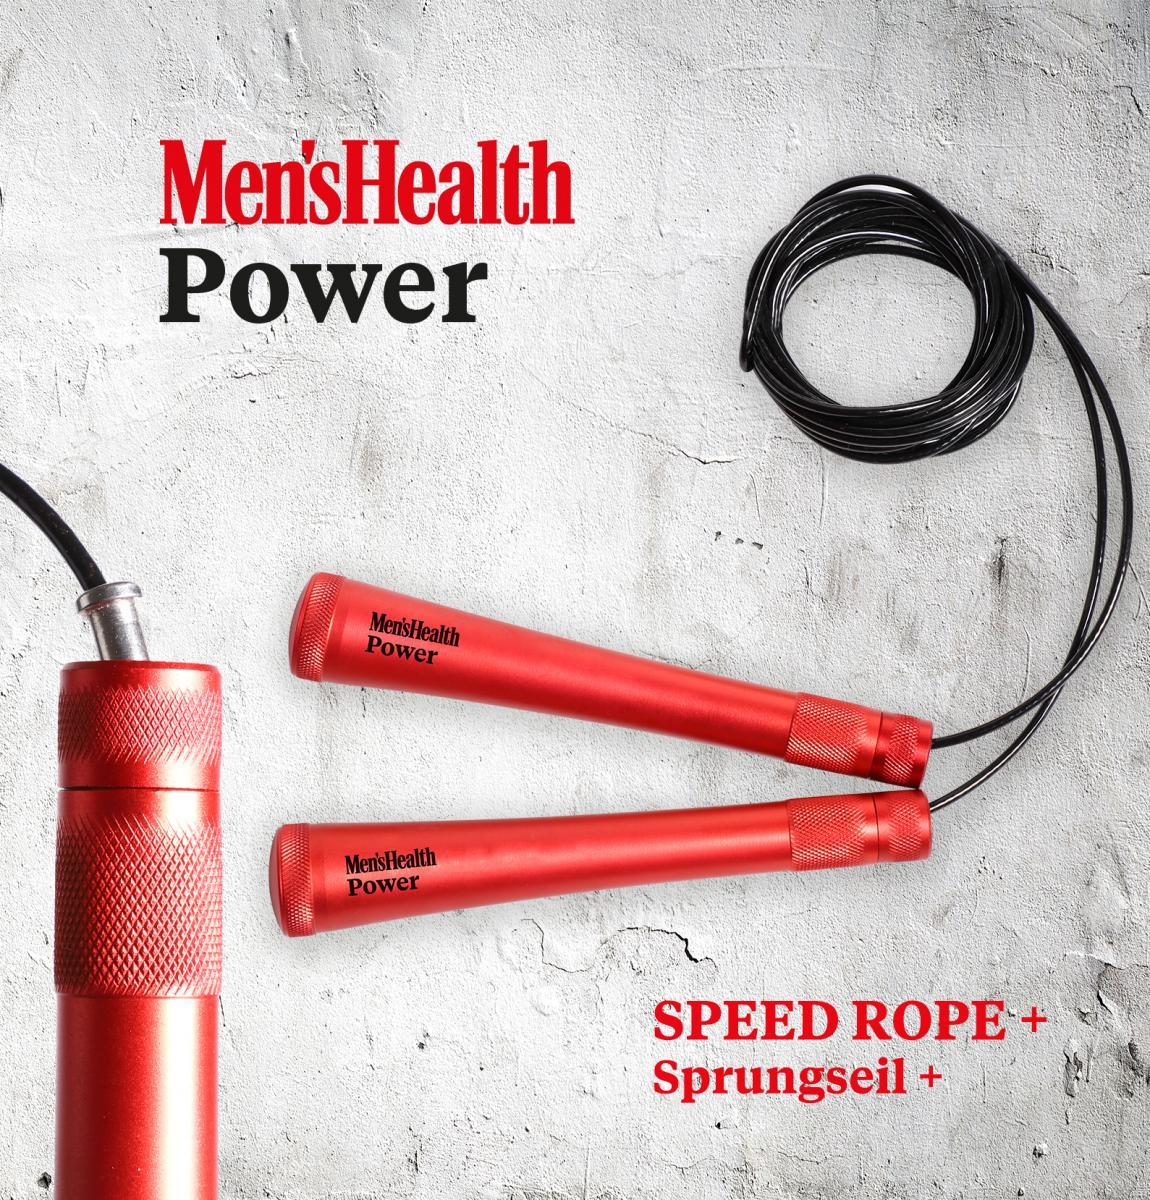 Lukadora Mens Health Springseil+ LD-3407